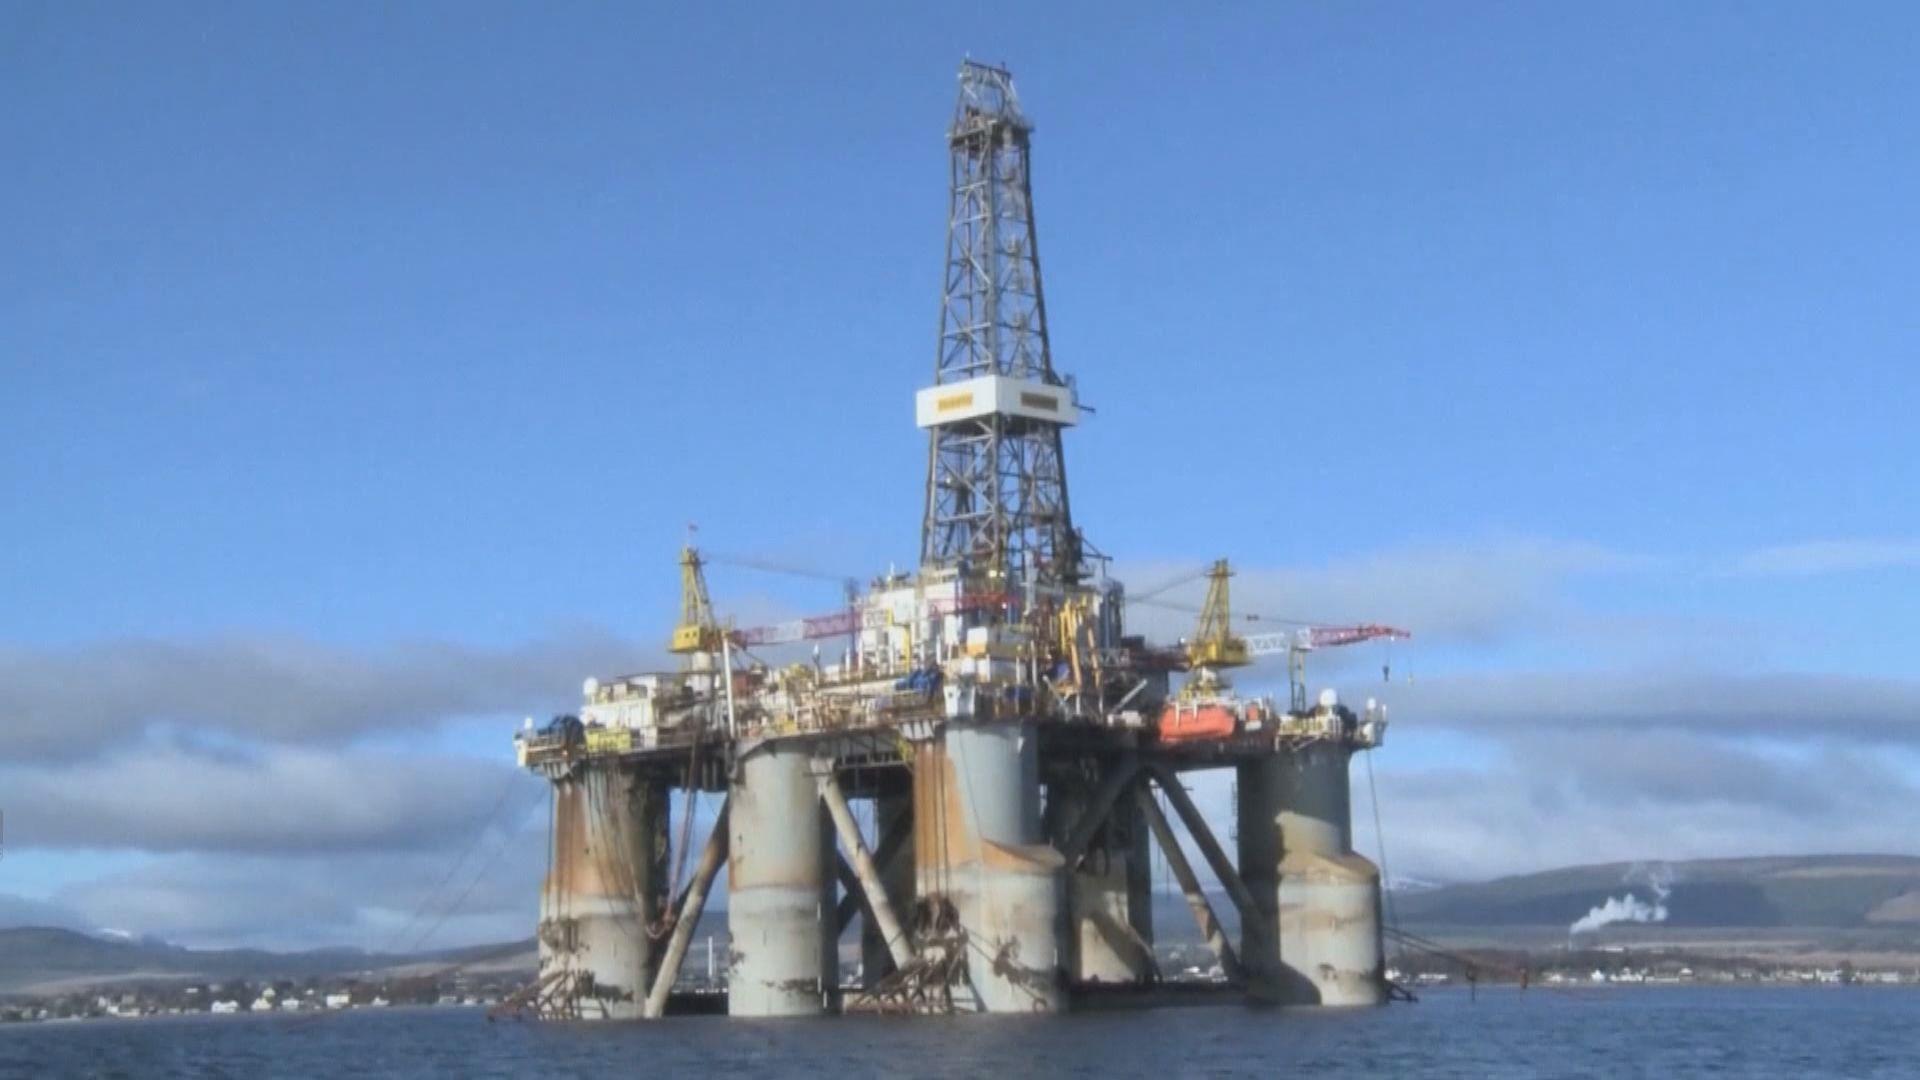 俄羅斯和油組或增產 油價下跌